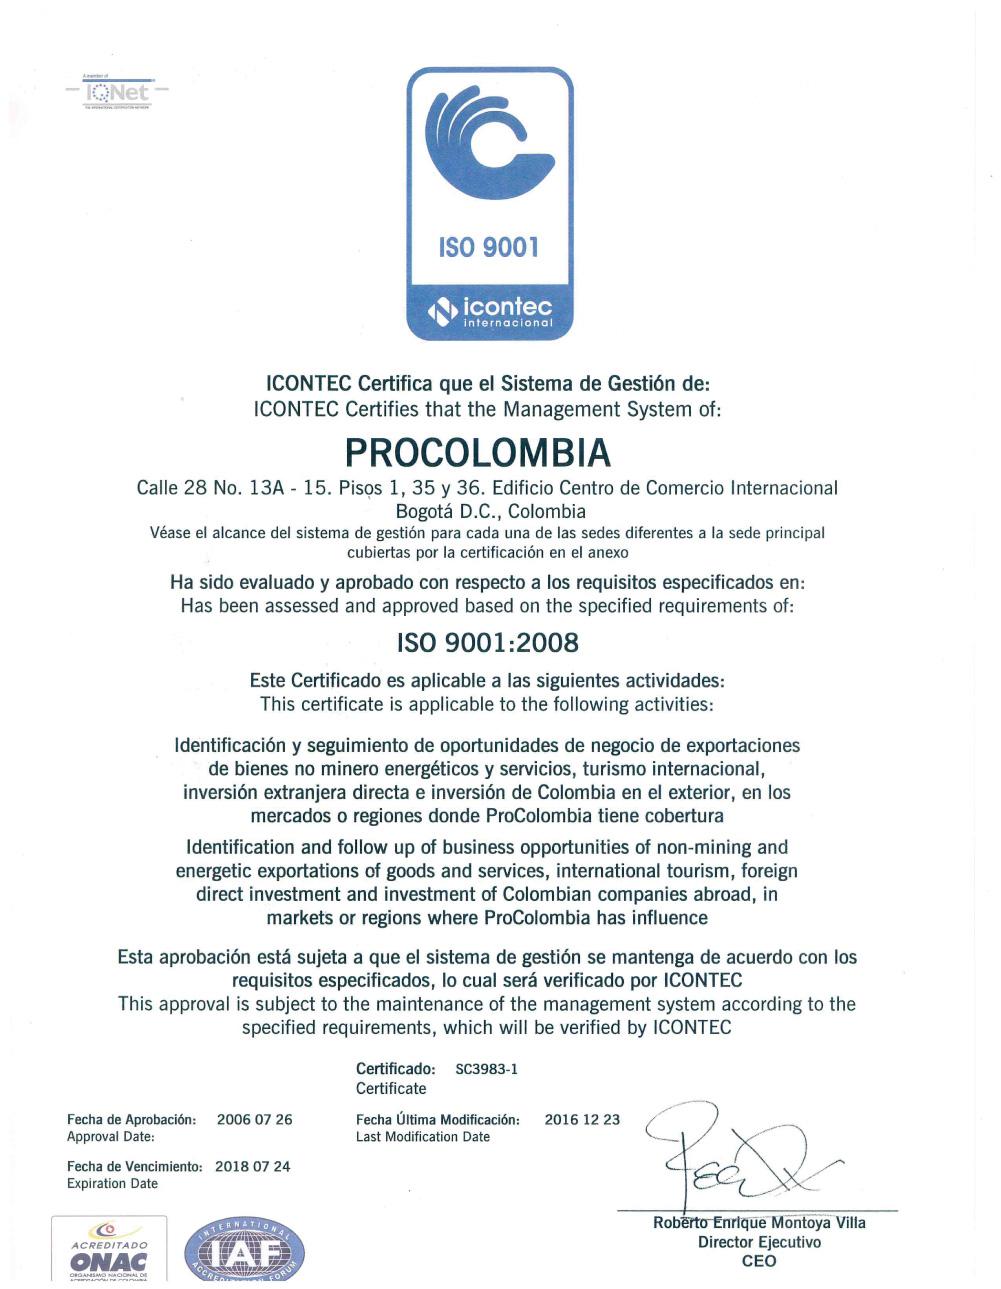 Certificado ISO 9001:2008 al sistema de gestión de cálida de PROCOLOMBIA